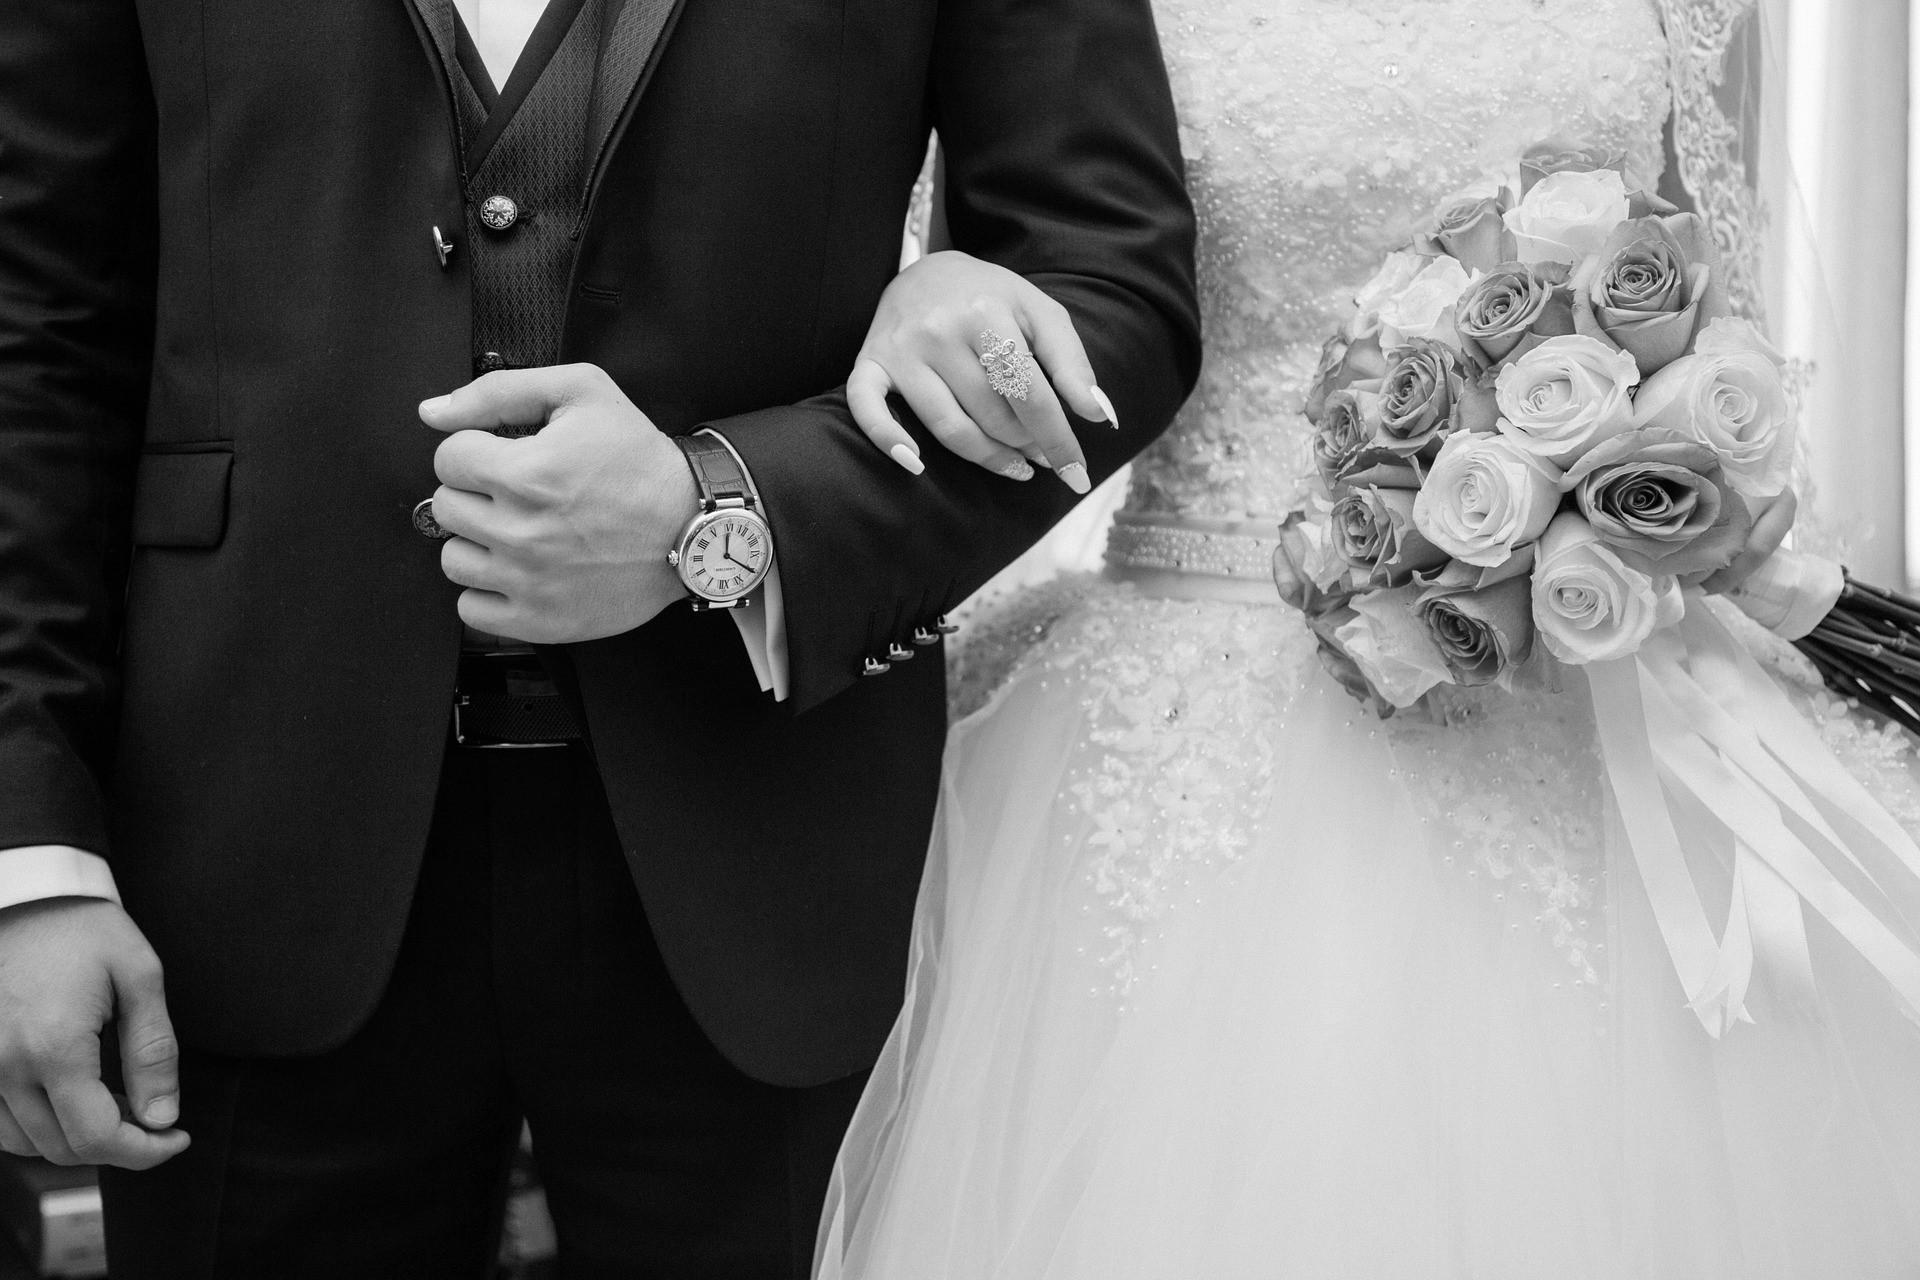 O papel do marido e da esposa